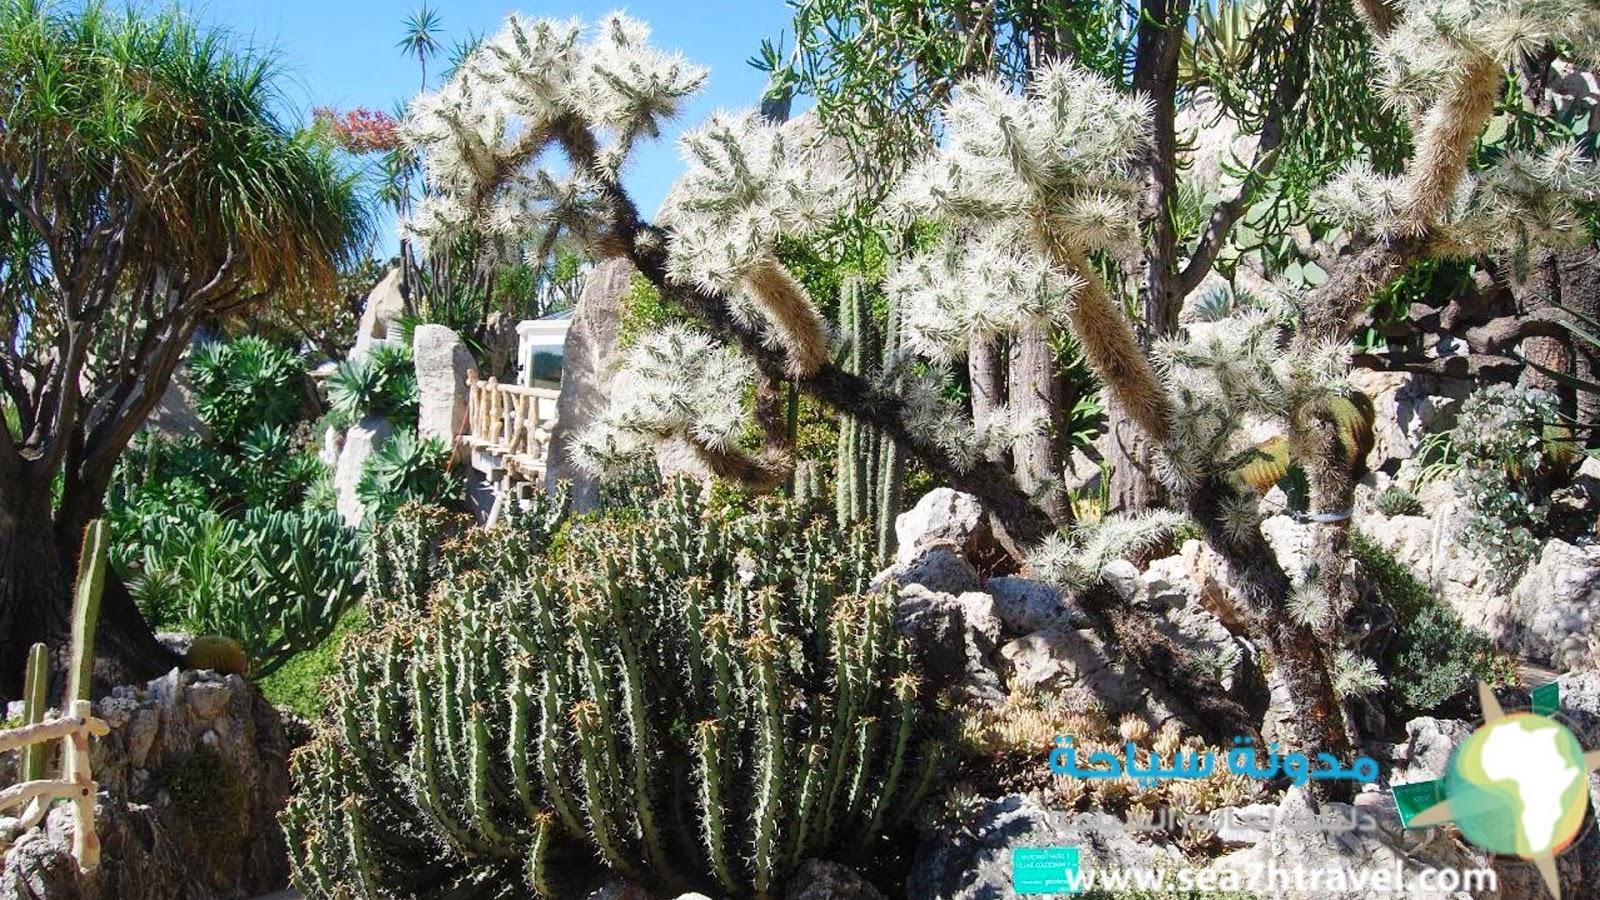 حديقة النباتات الغريبة في موناكو